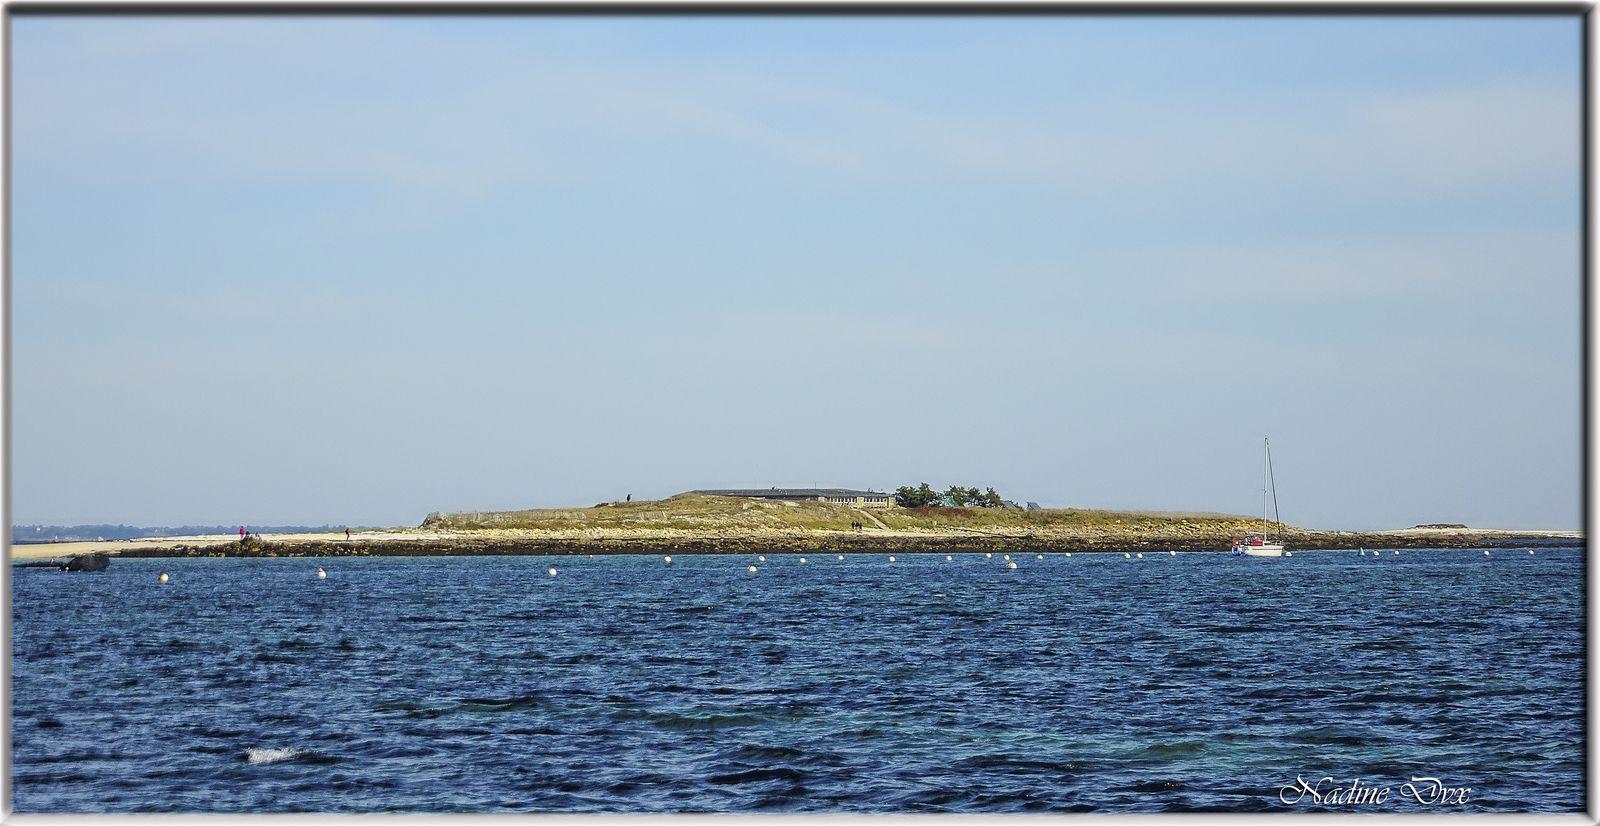 L'île de Penfret -  Archipel des Glénan